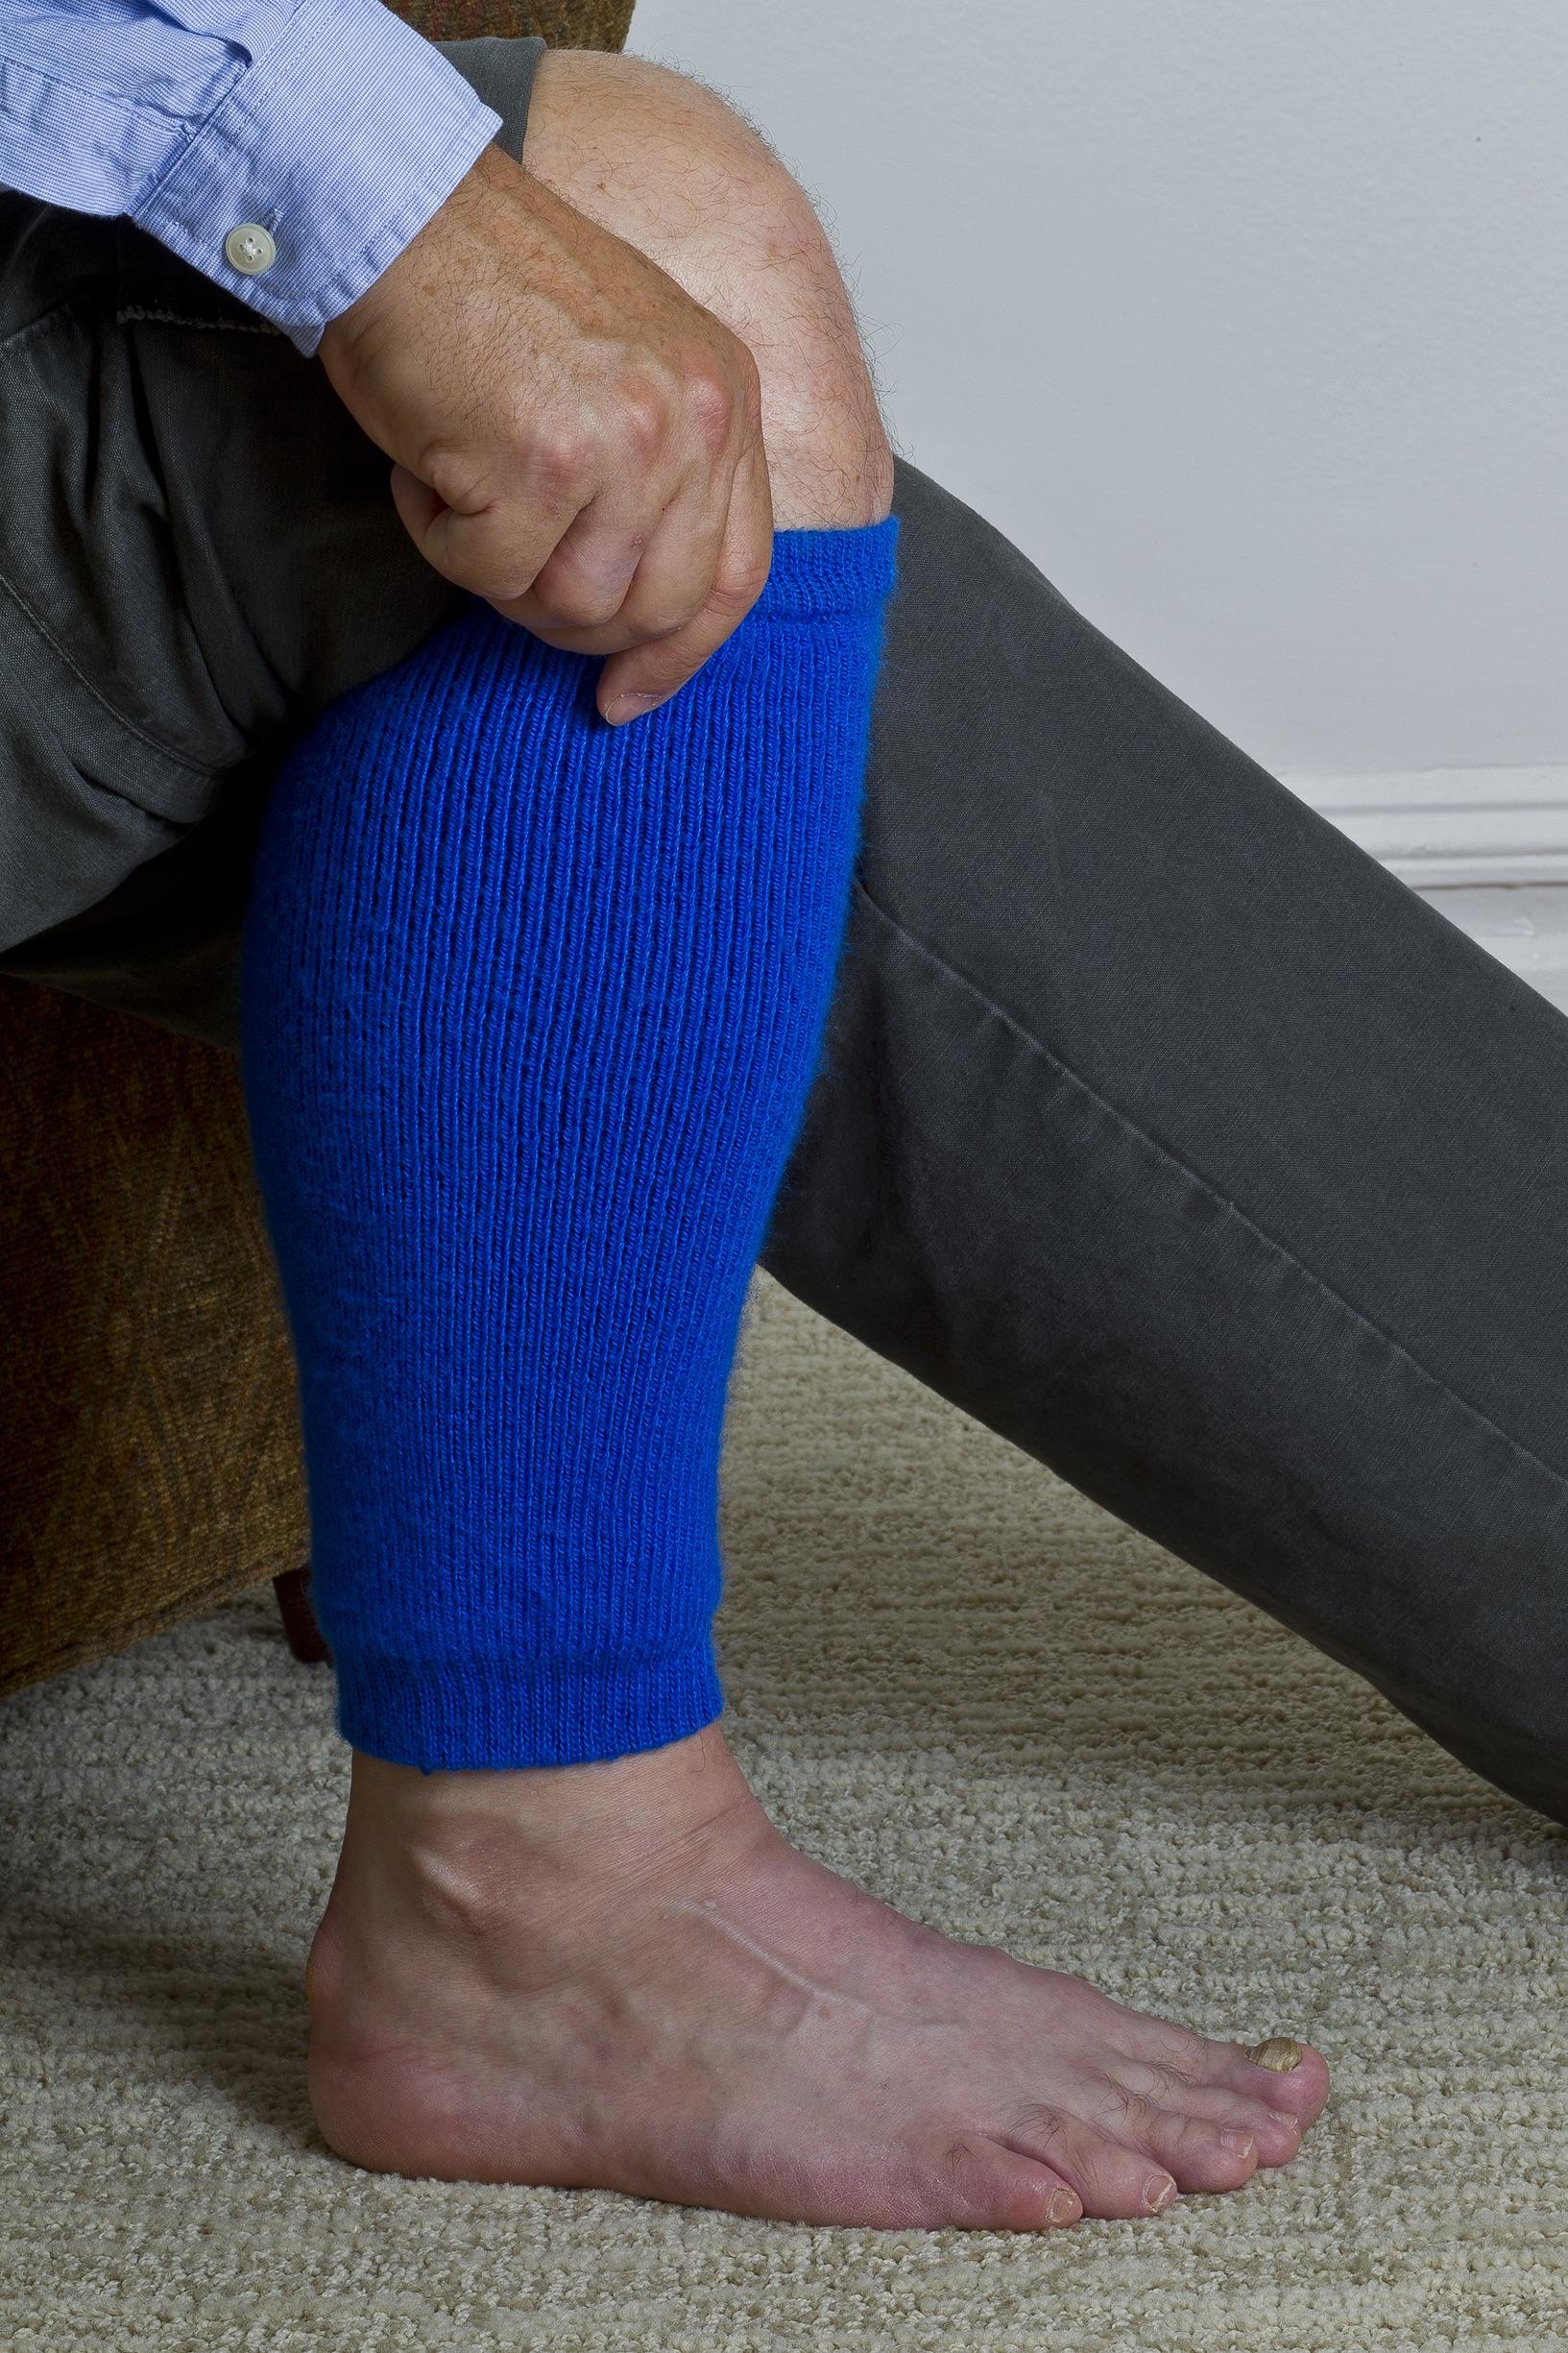 Thin Skin On Legs